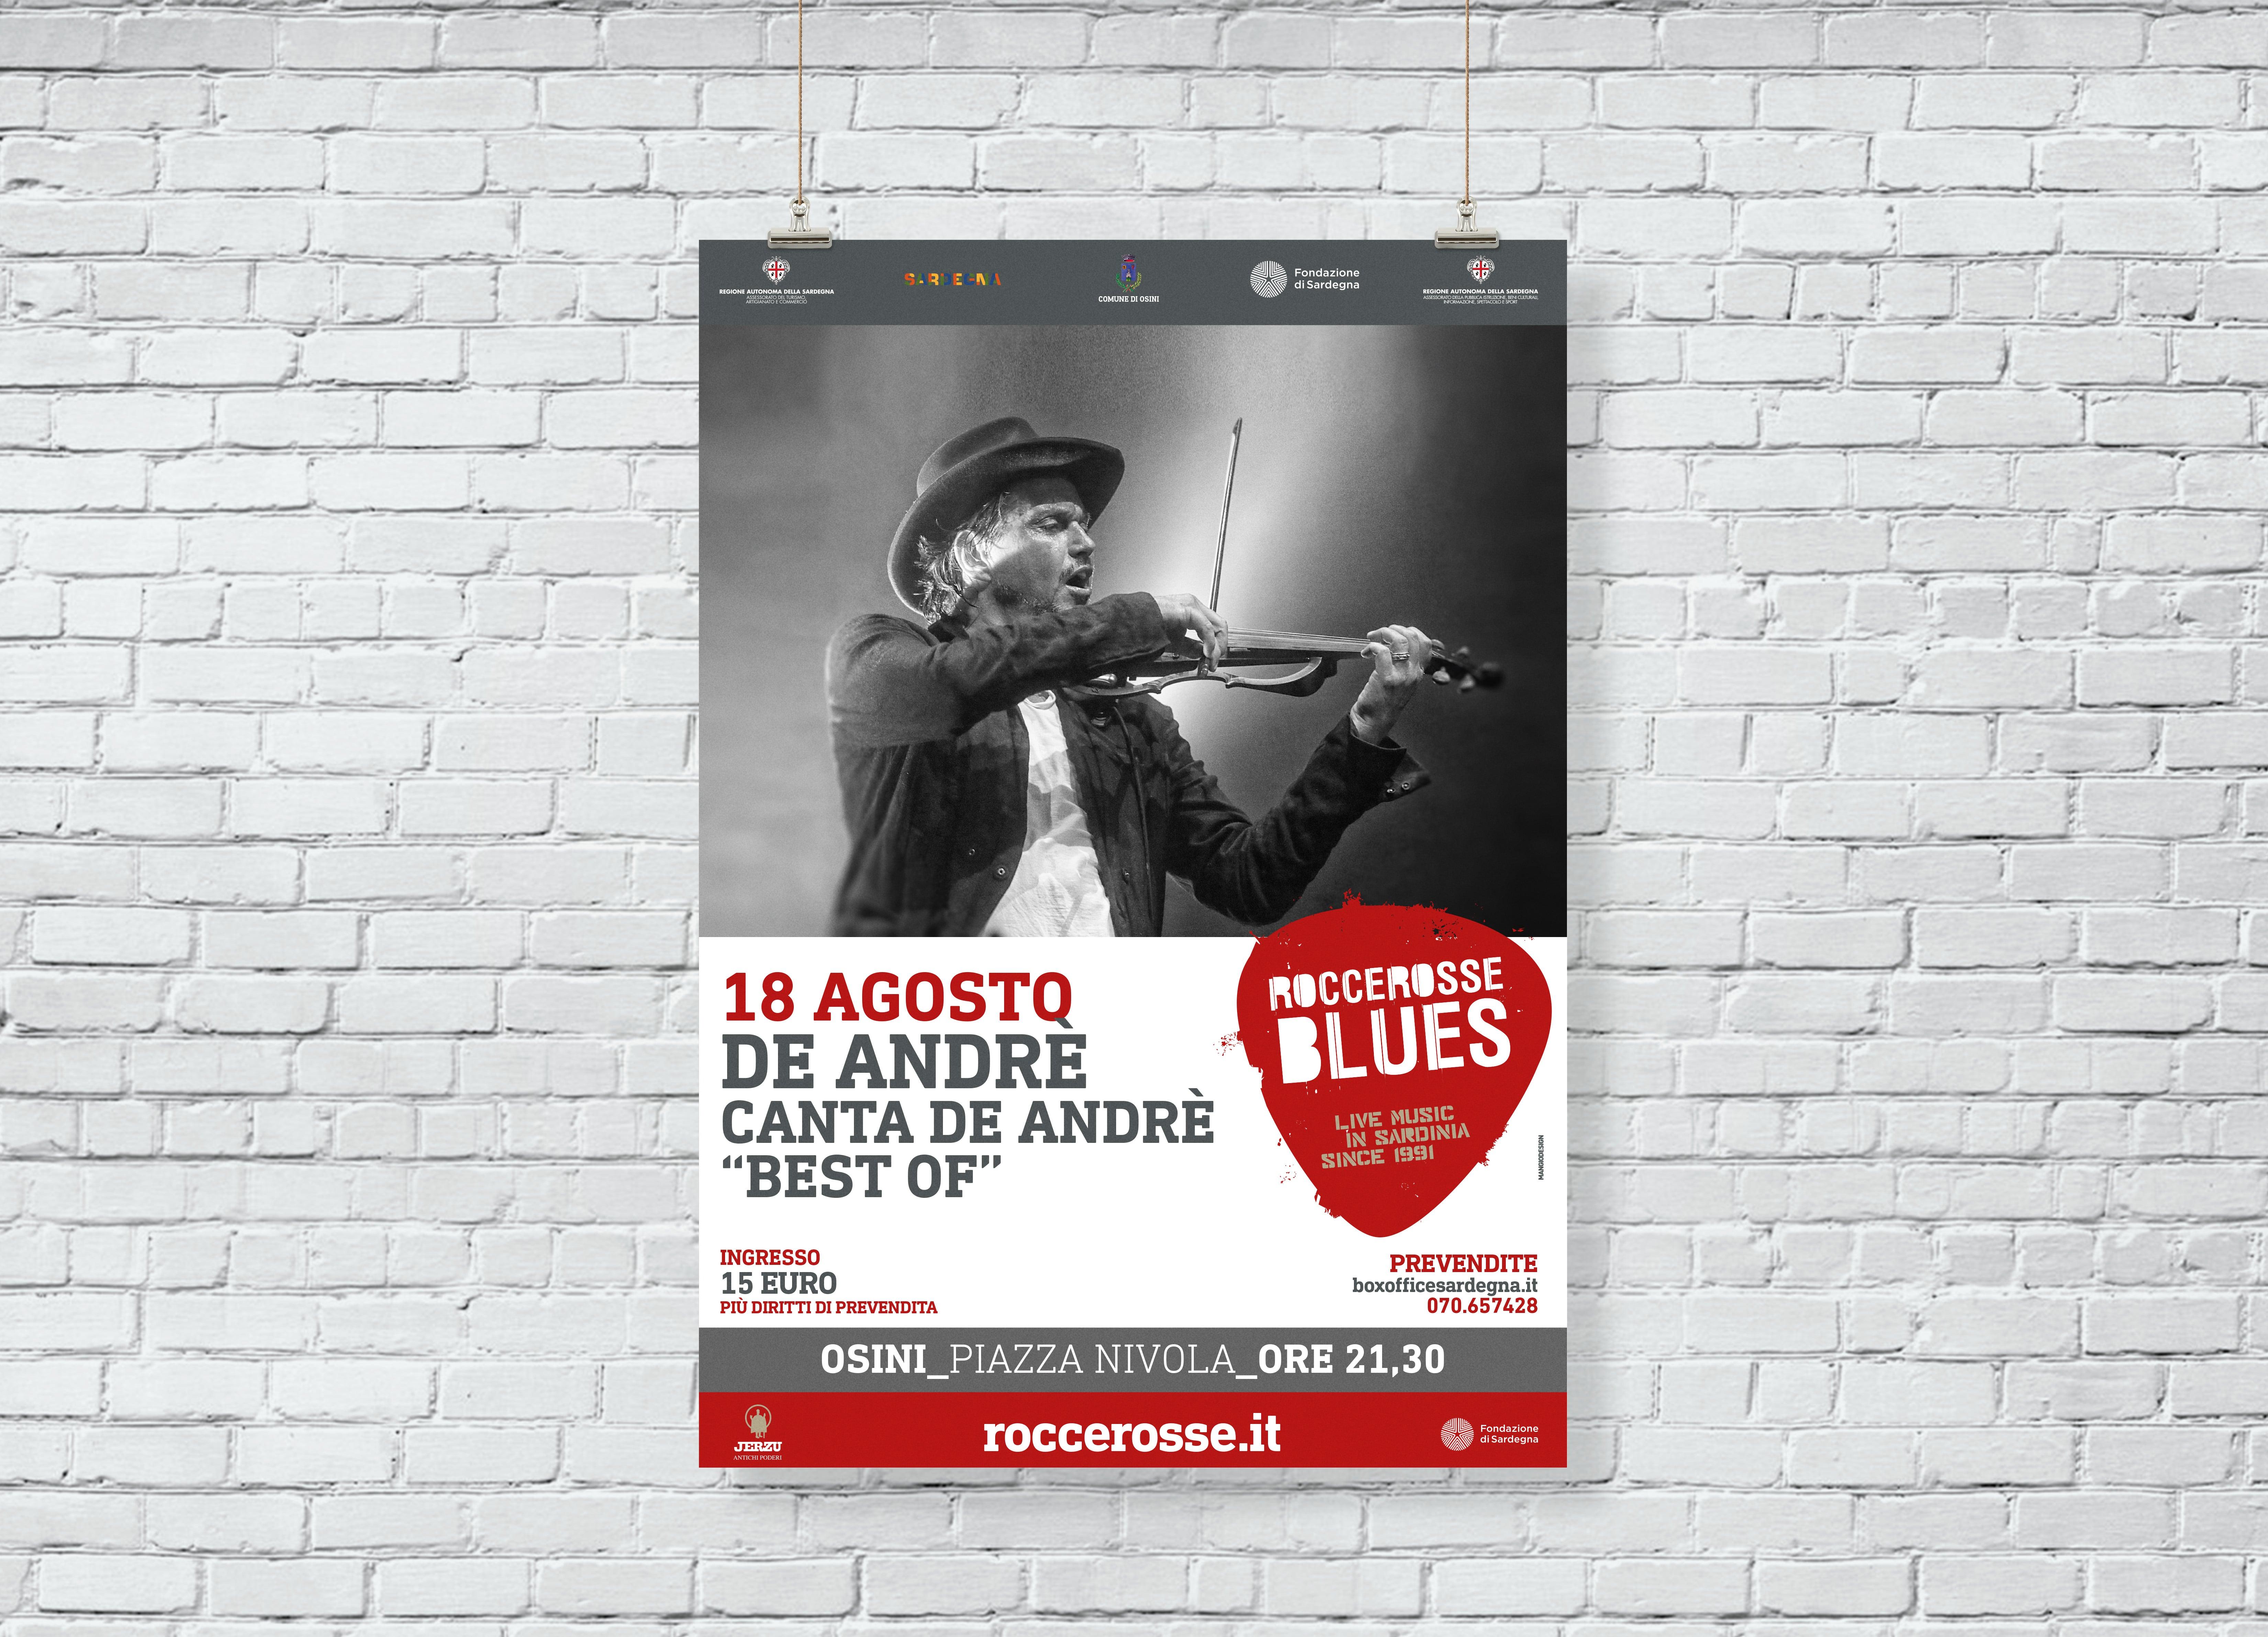 RocceRosse Blues - edizione 2018 - Poster De Andre